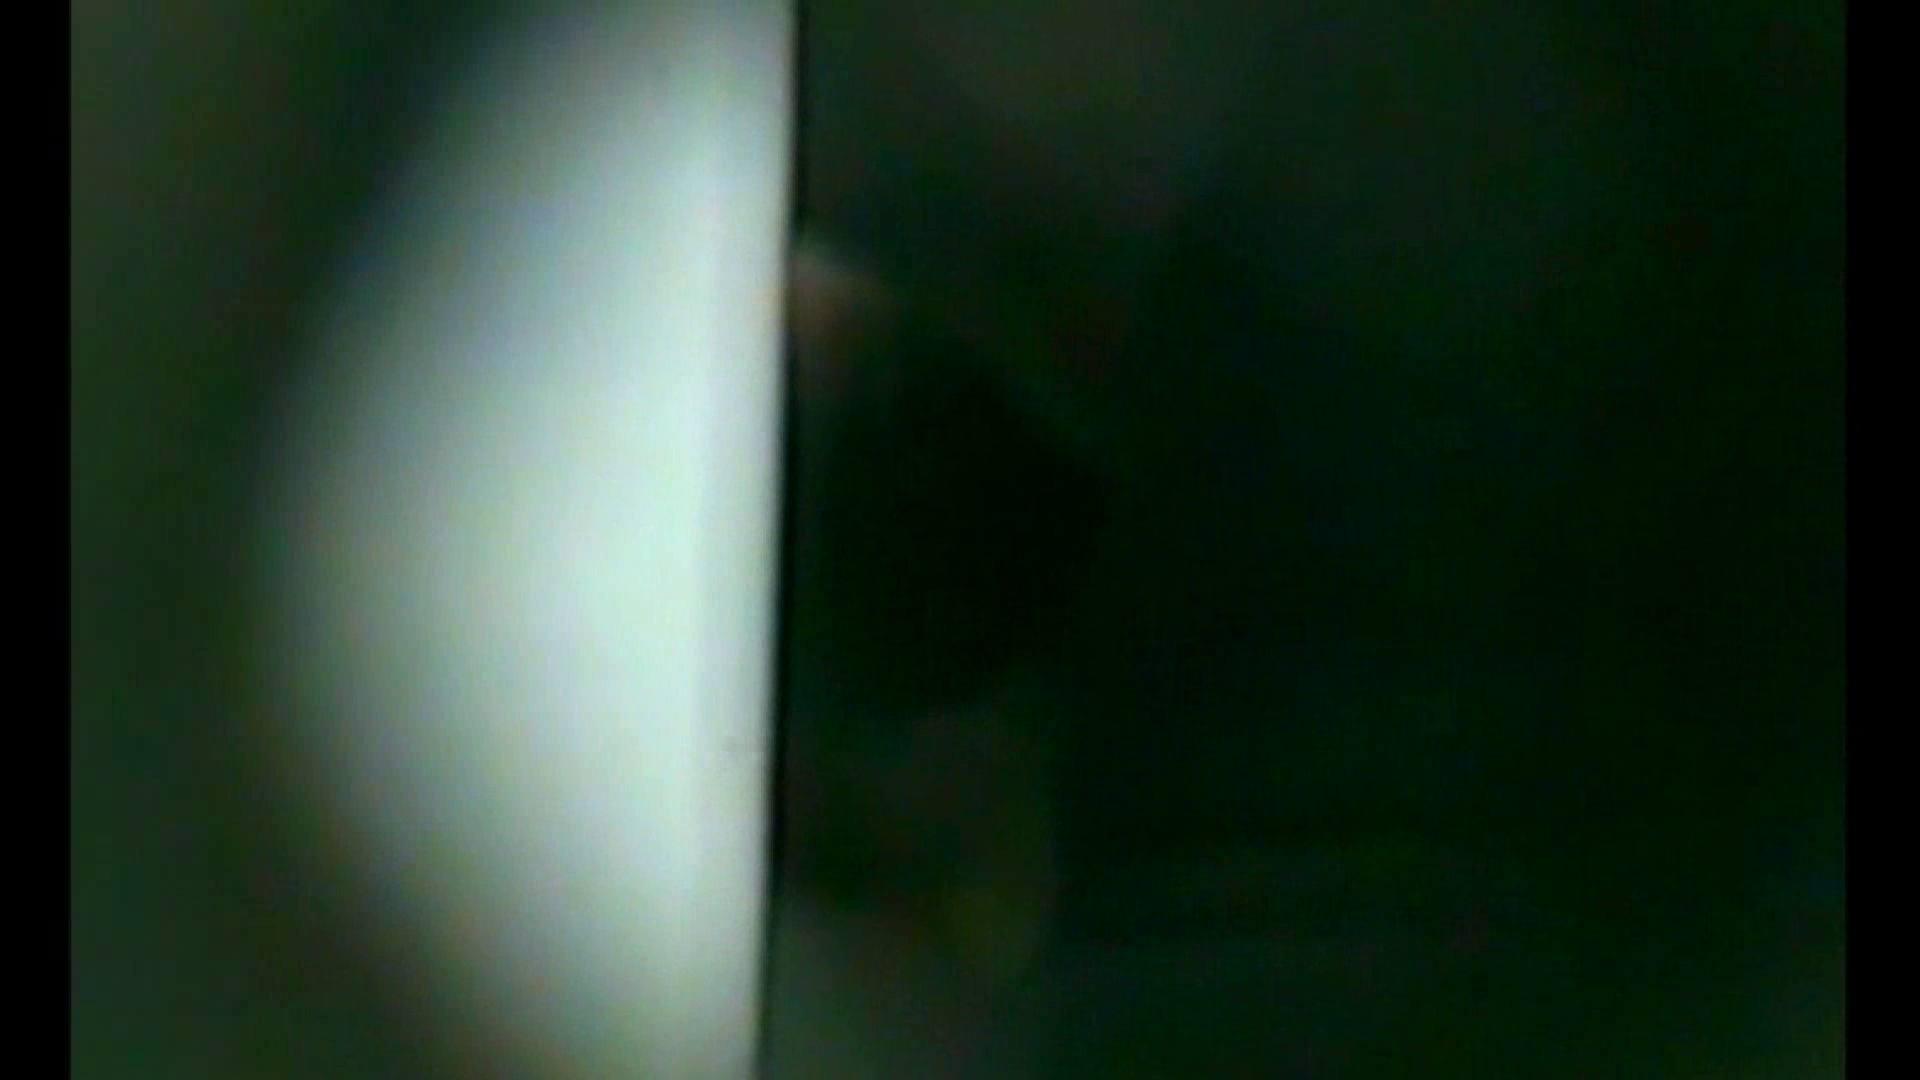 イケメンの素顔in洗面所 Vol.16 男天国 | イケメンのsex  109pic 60